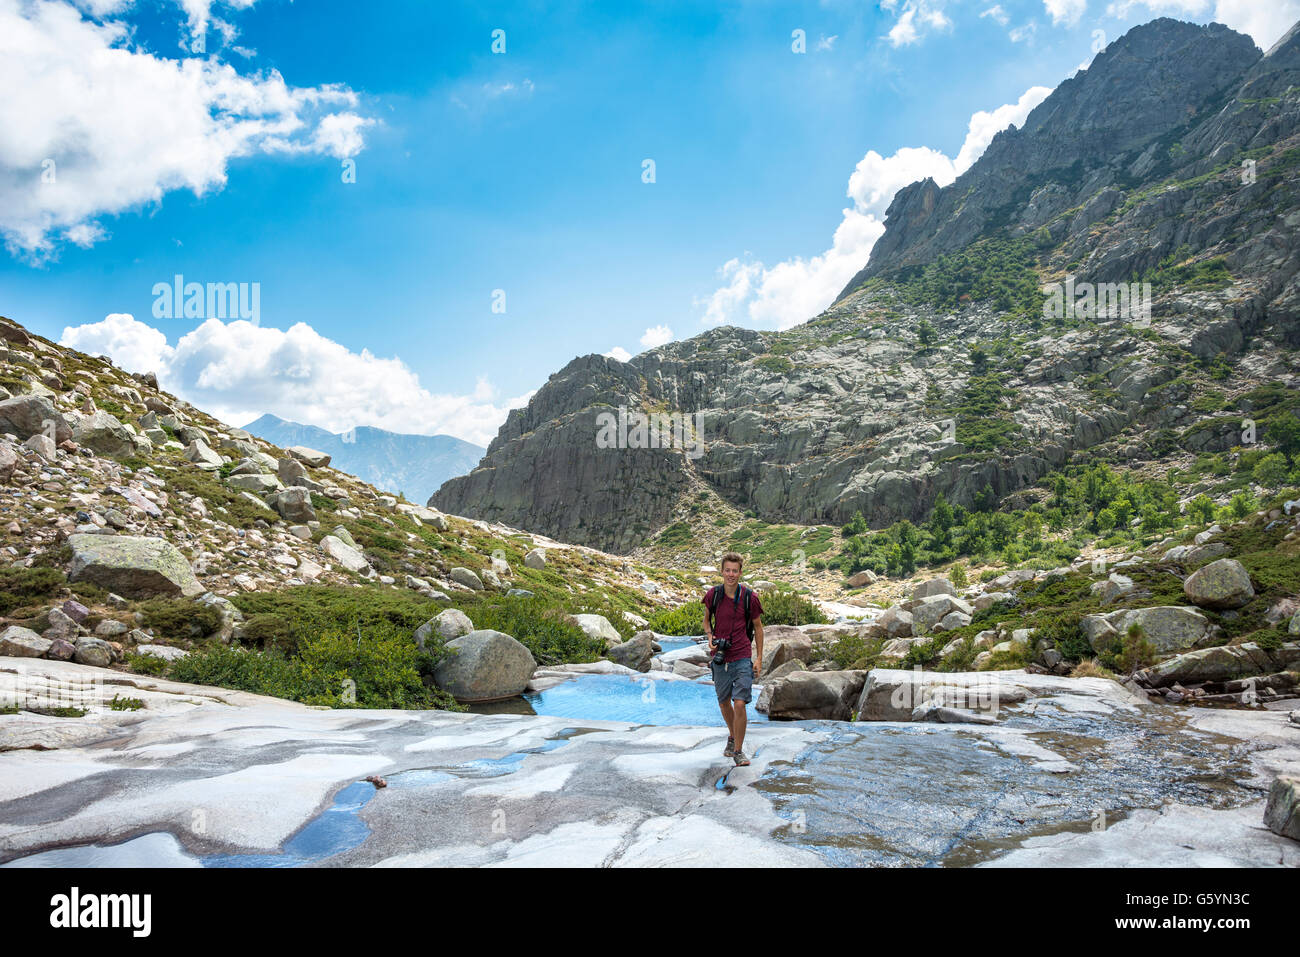 Giovane uomo escursionismo dal fiume Golo in montagna, Parco Naturale della Corsica, Parc naturel régional Immagini Stock